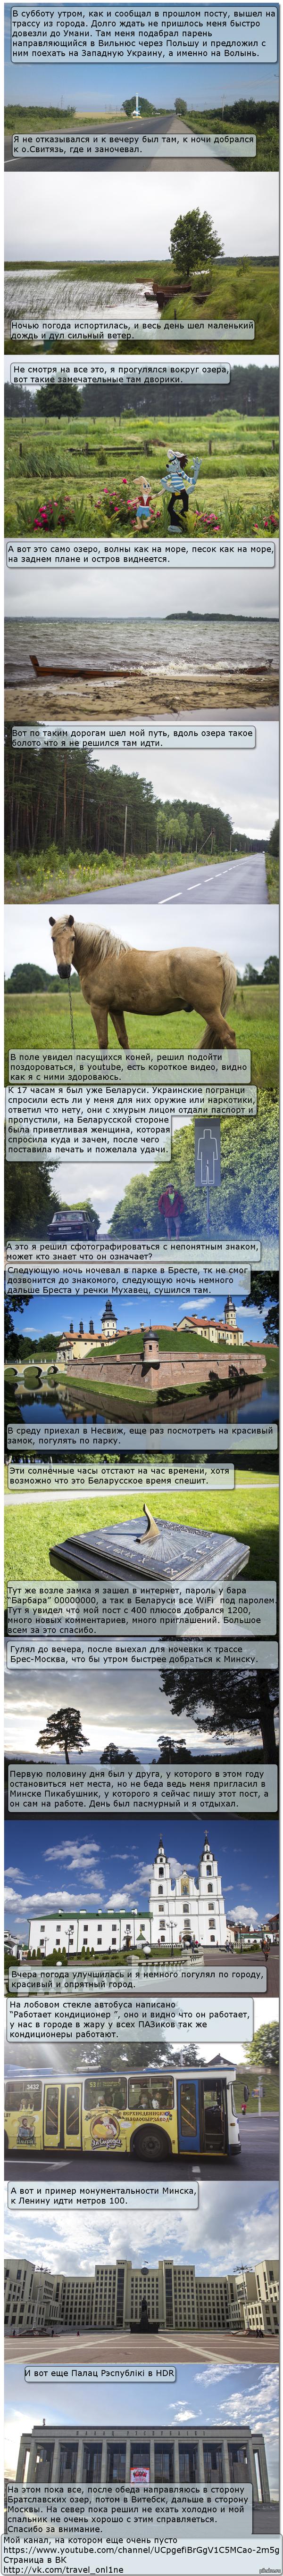 Мое лето. Первая неделя пути. Еду автостопом в сторону Байкала, сейчас с Украины добрался к Минску, еду не спеша.